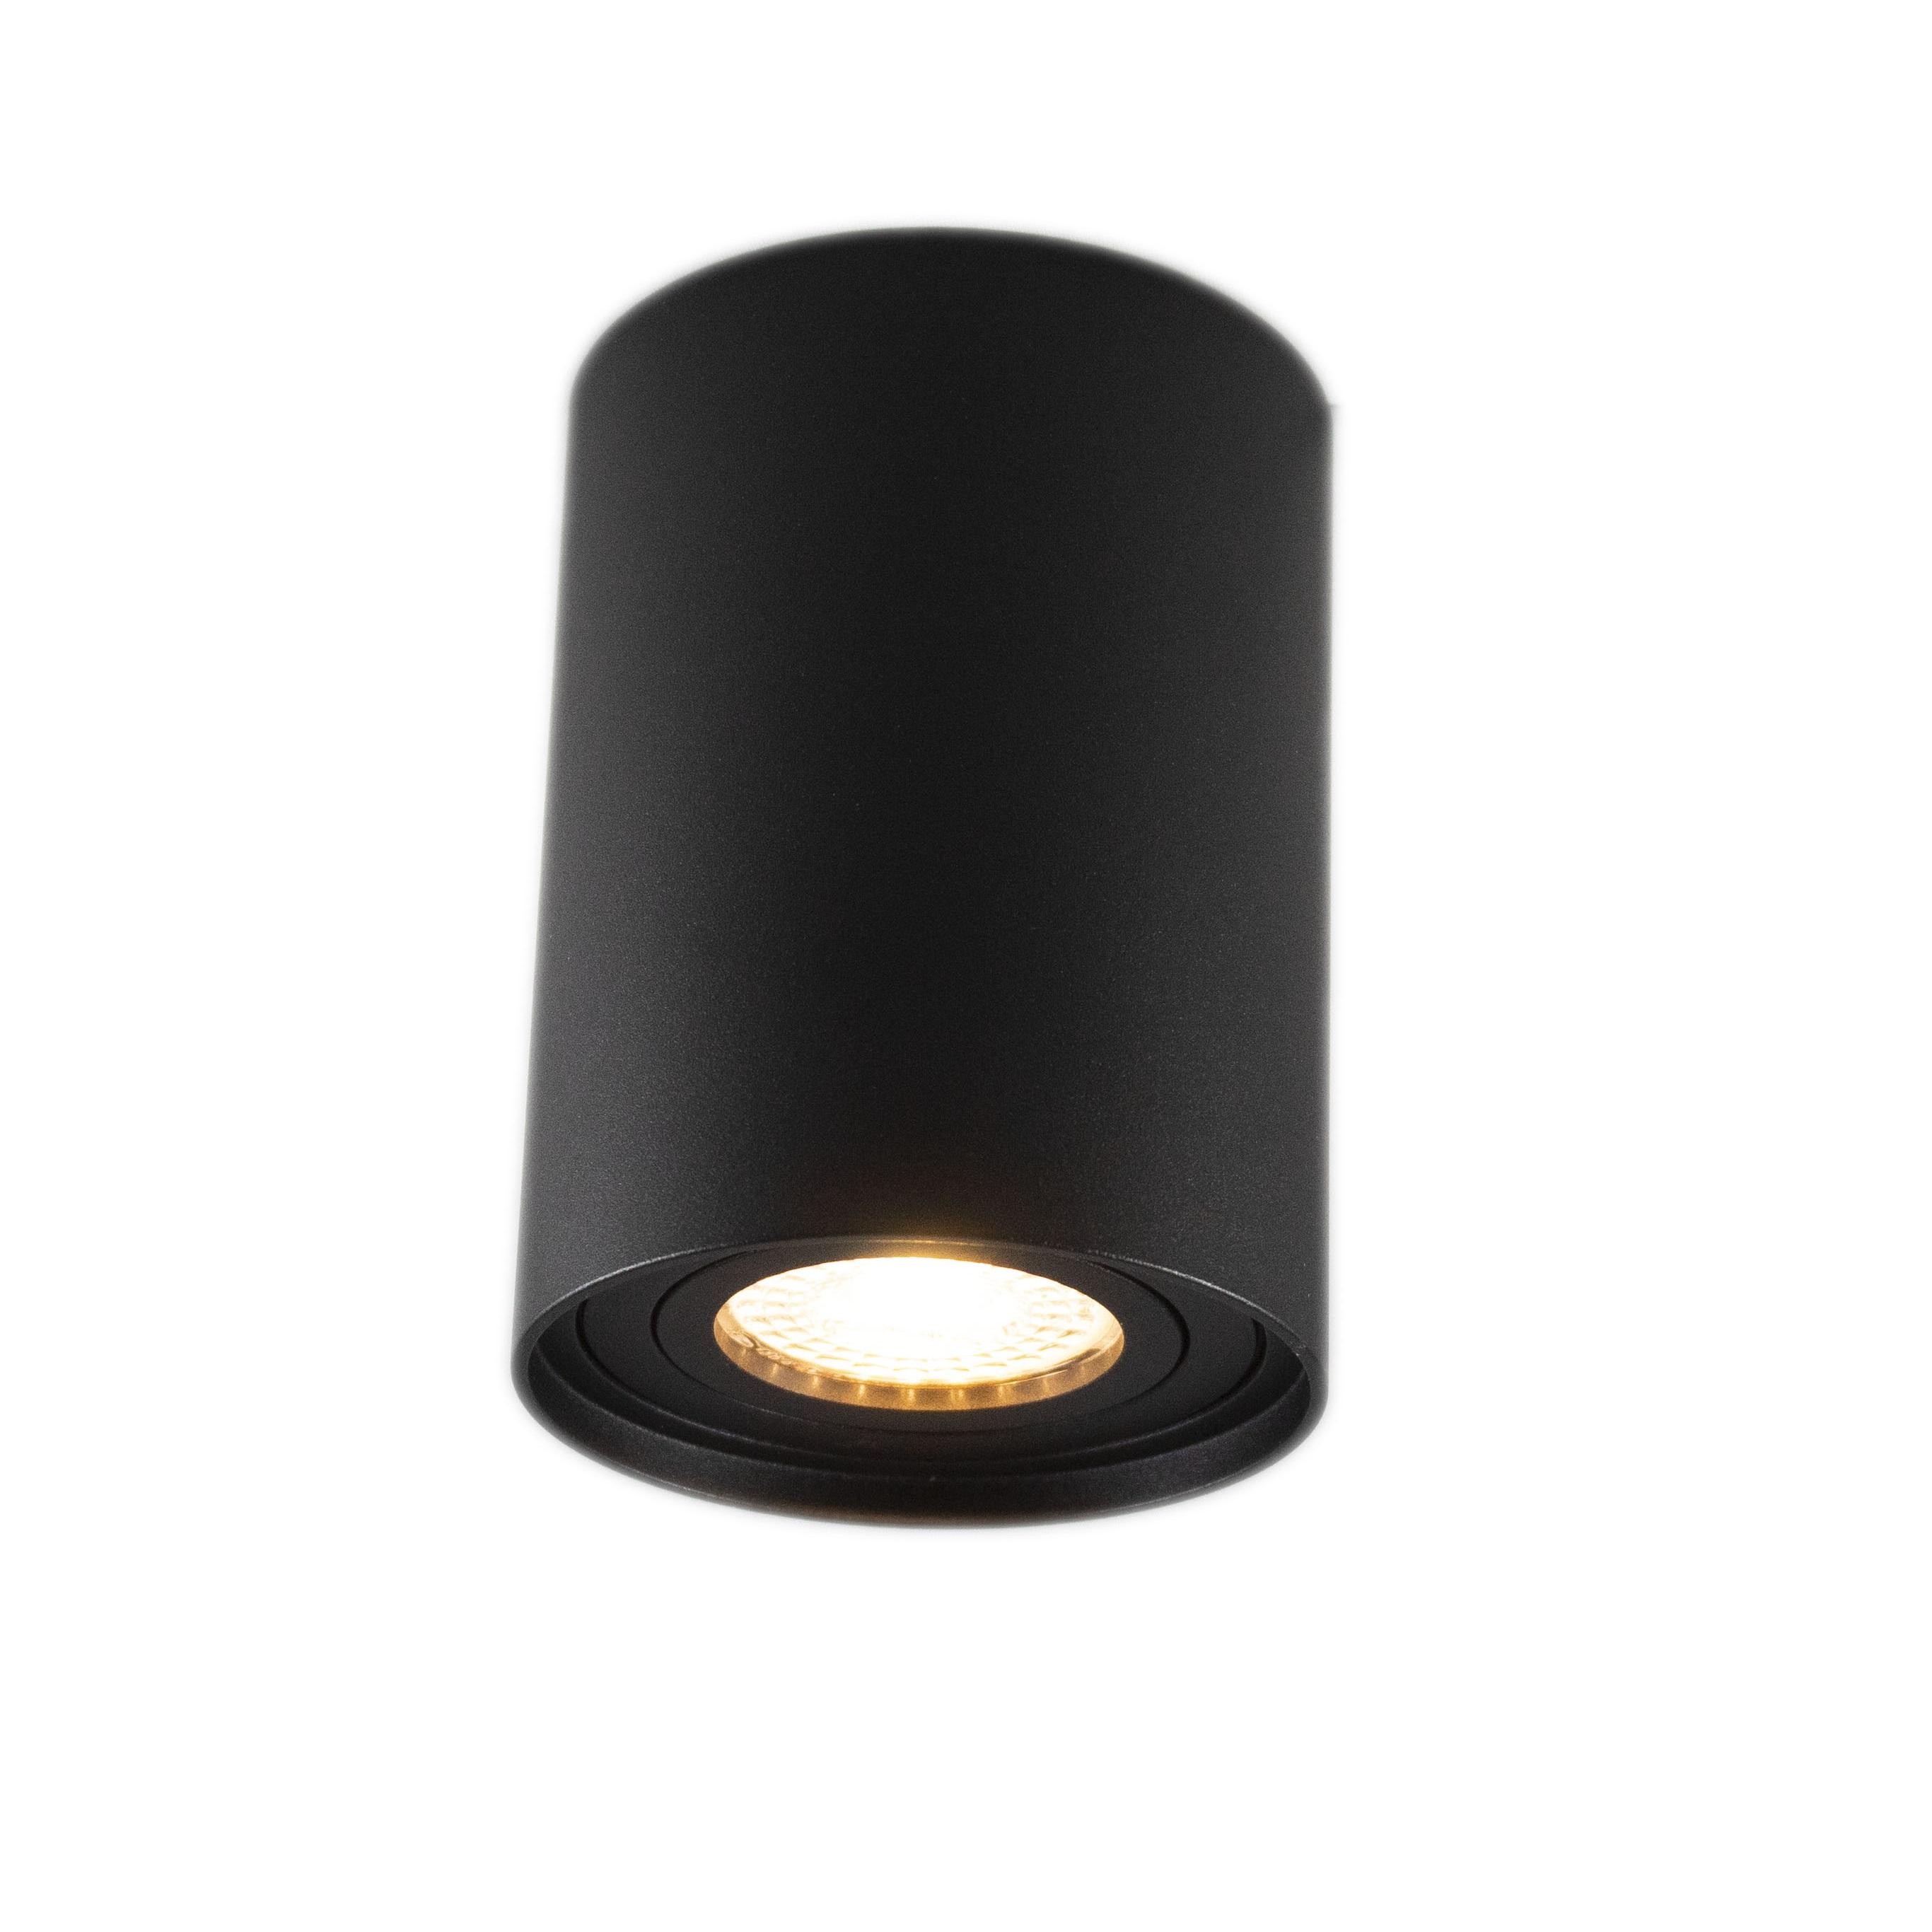 Opbouw spot armatuur zwart rond kantelbaar GU10 fitting - hangend spot aan